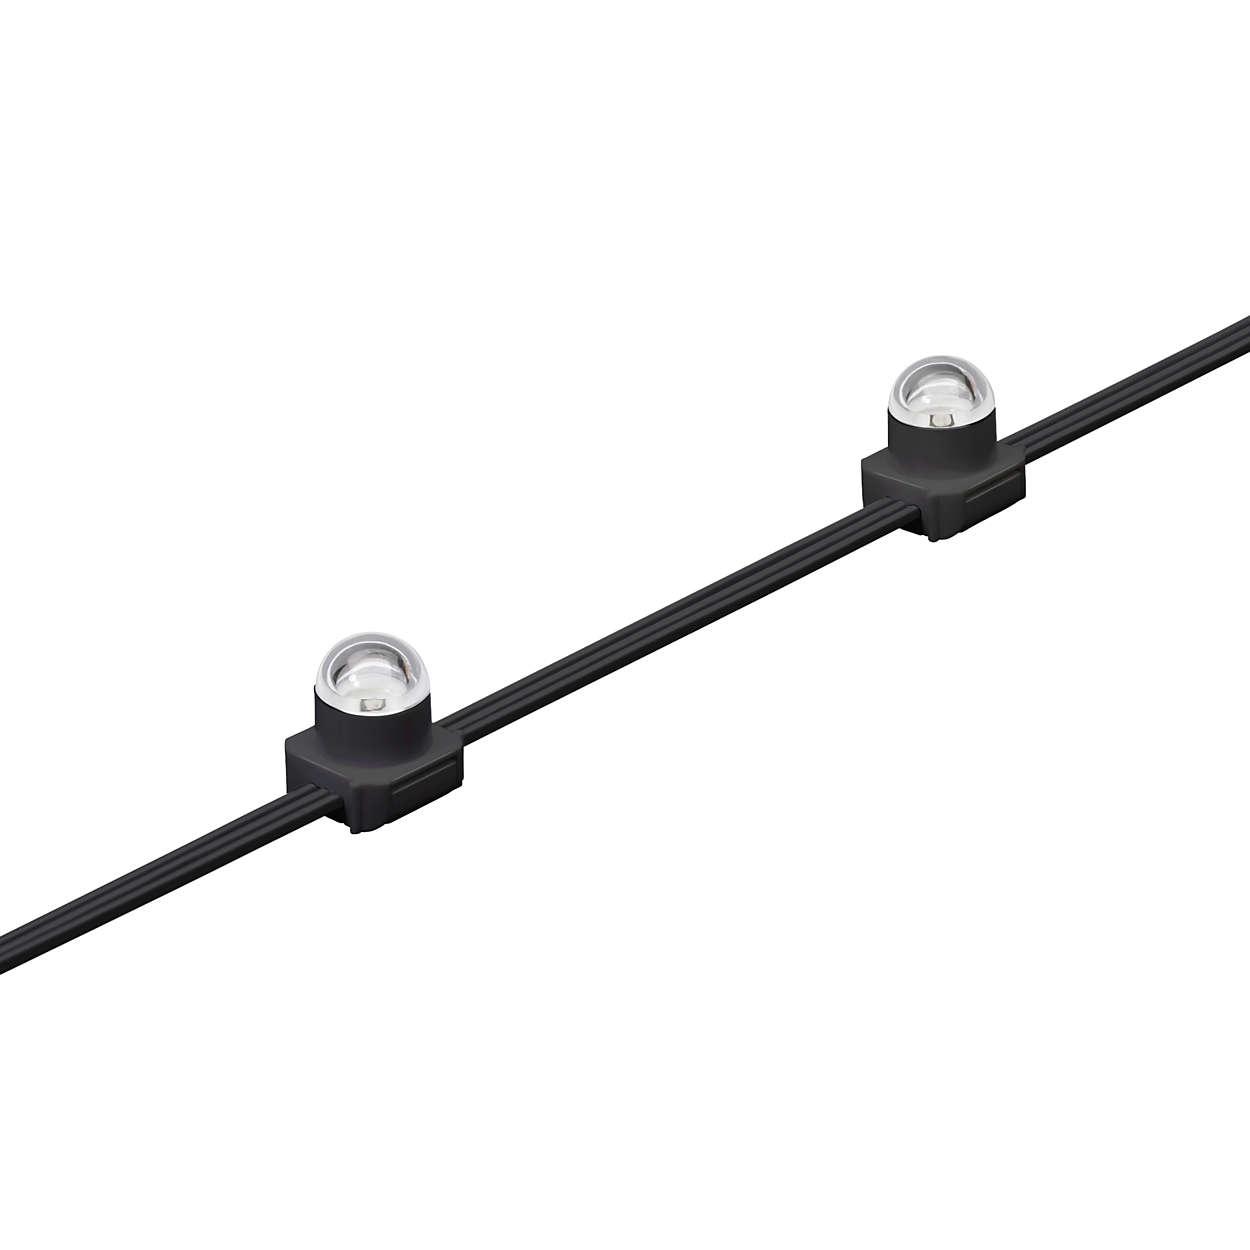 eW Flex Micro - Flexible Stränge kleiner LED-Knoten hoher Intensität mit solidem Weißlicht